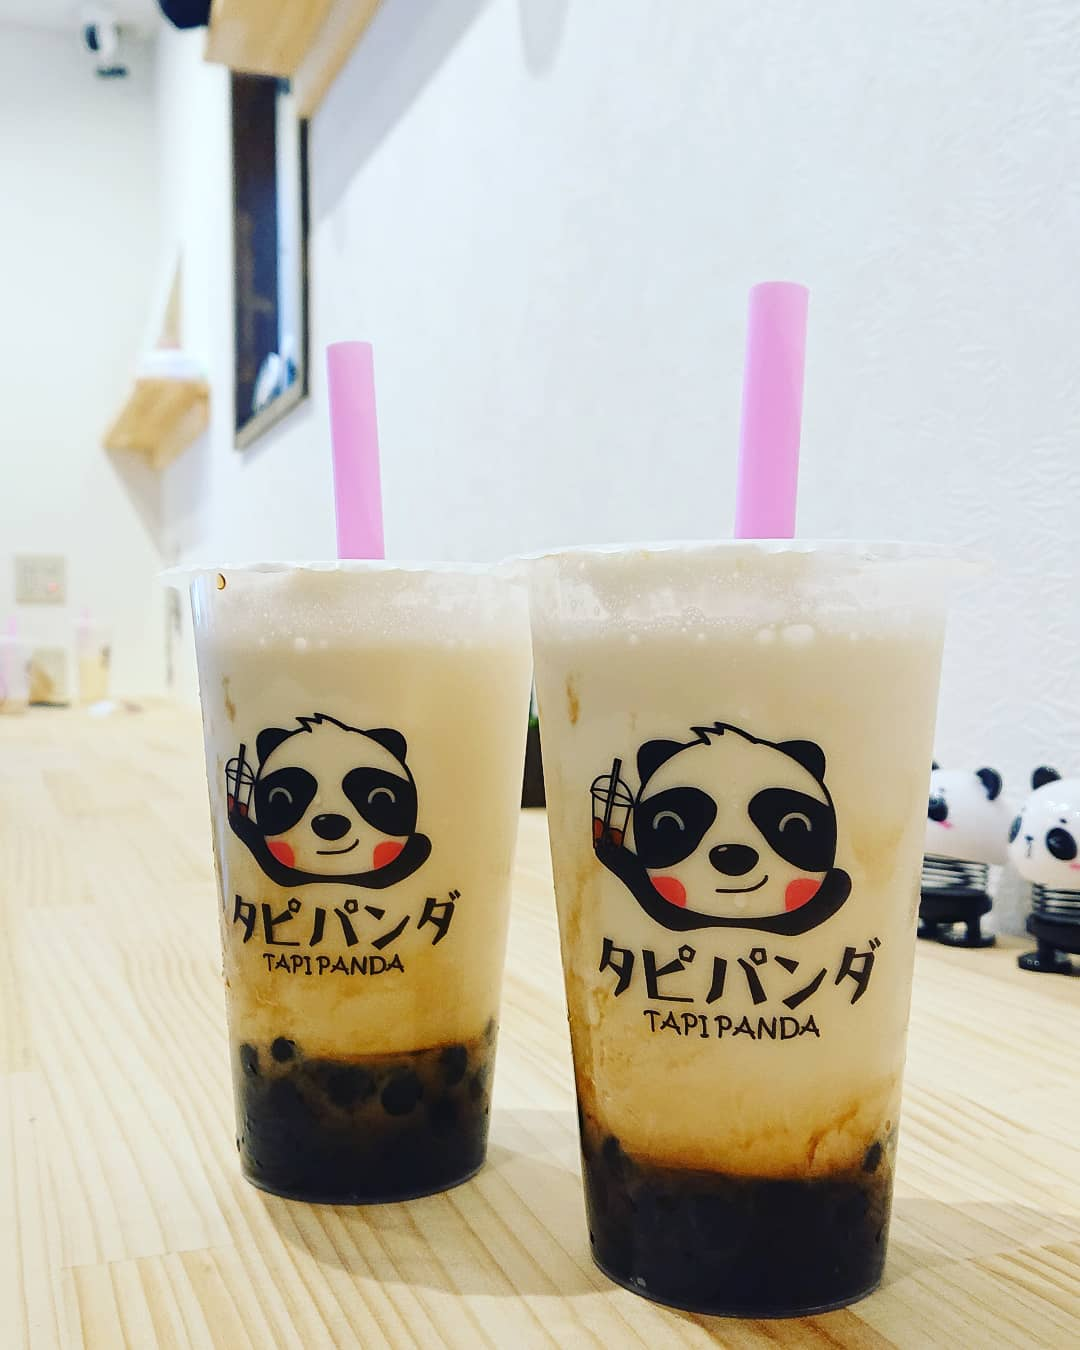 aichi-cafe-tapipanda-obata